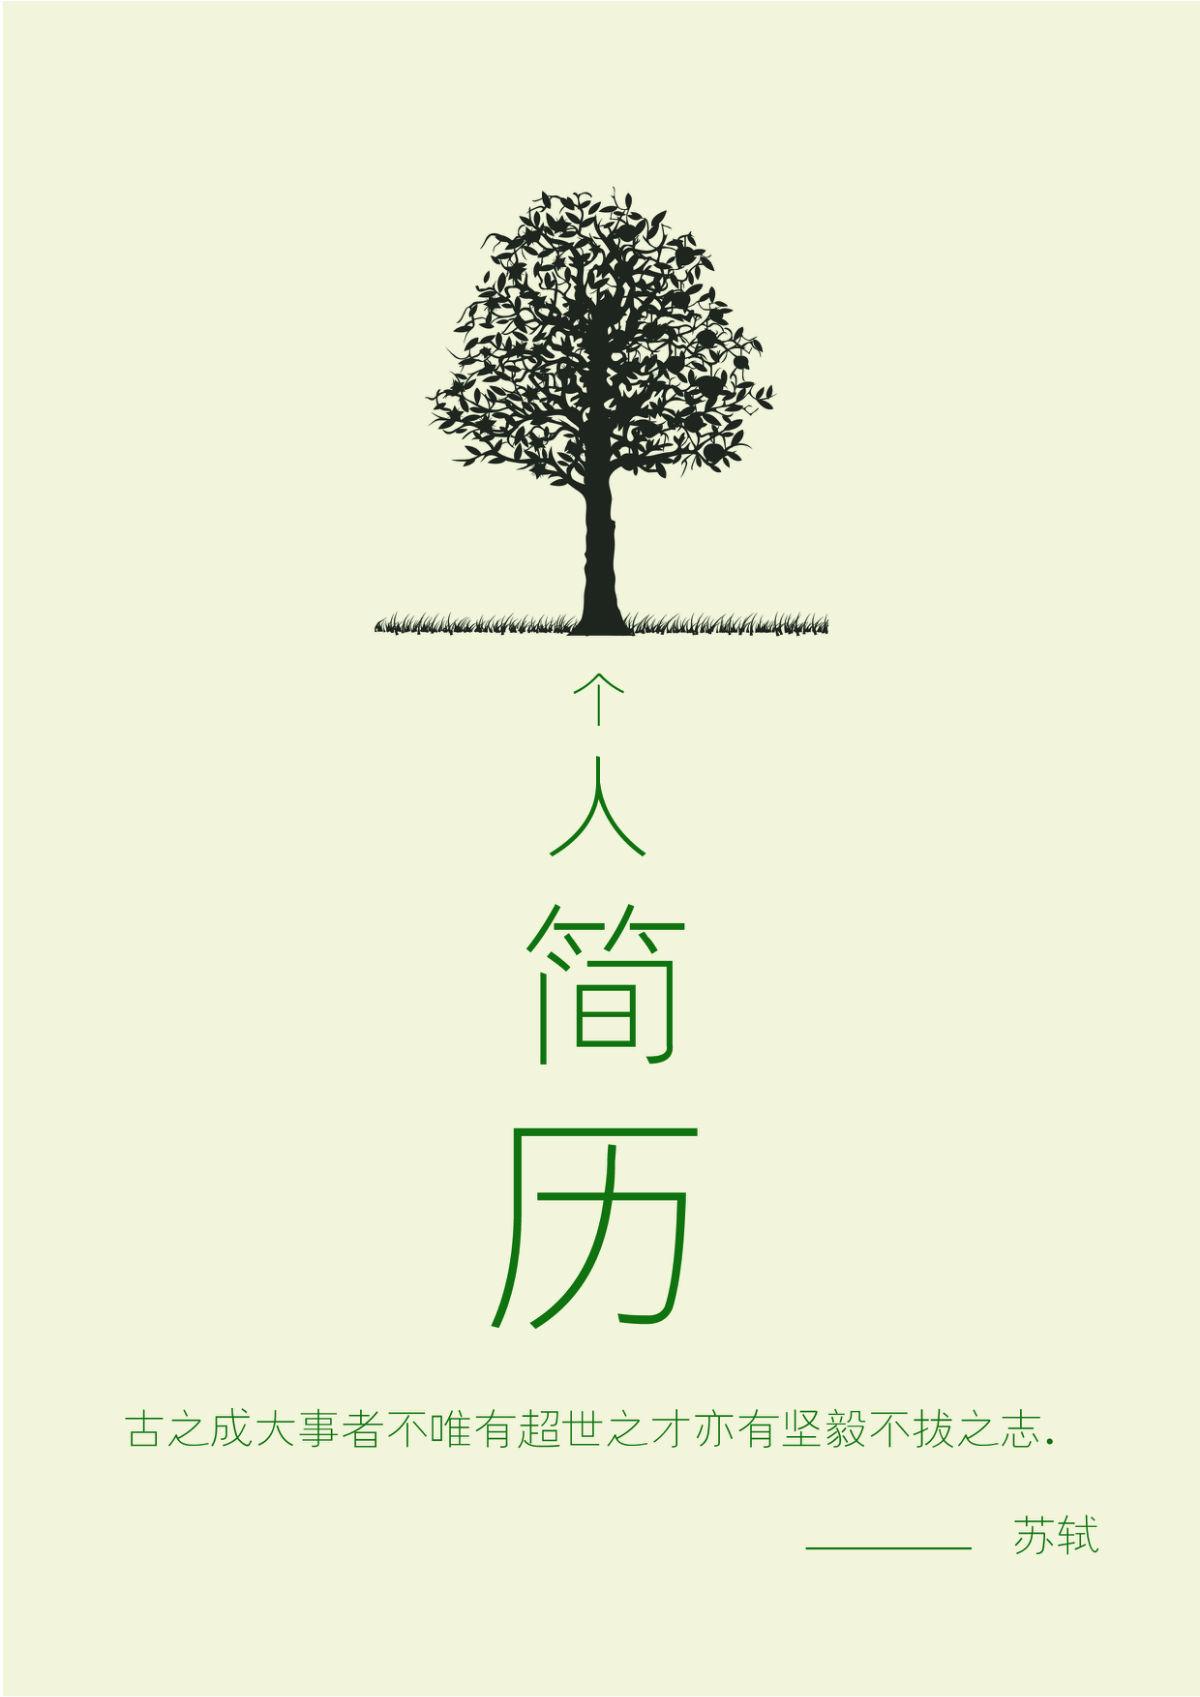 目前所在位置: 应届毕业生 简历v求职信 简历封面 2016高清简历封面图片